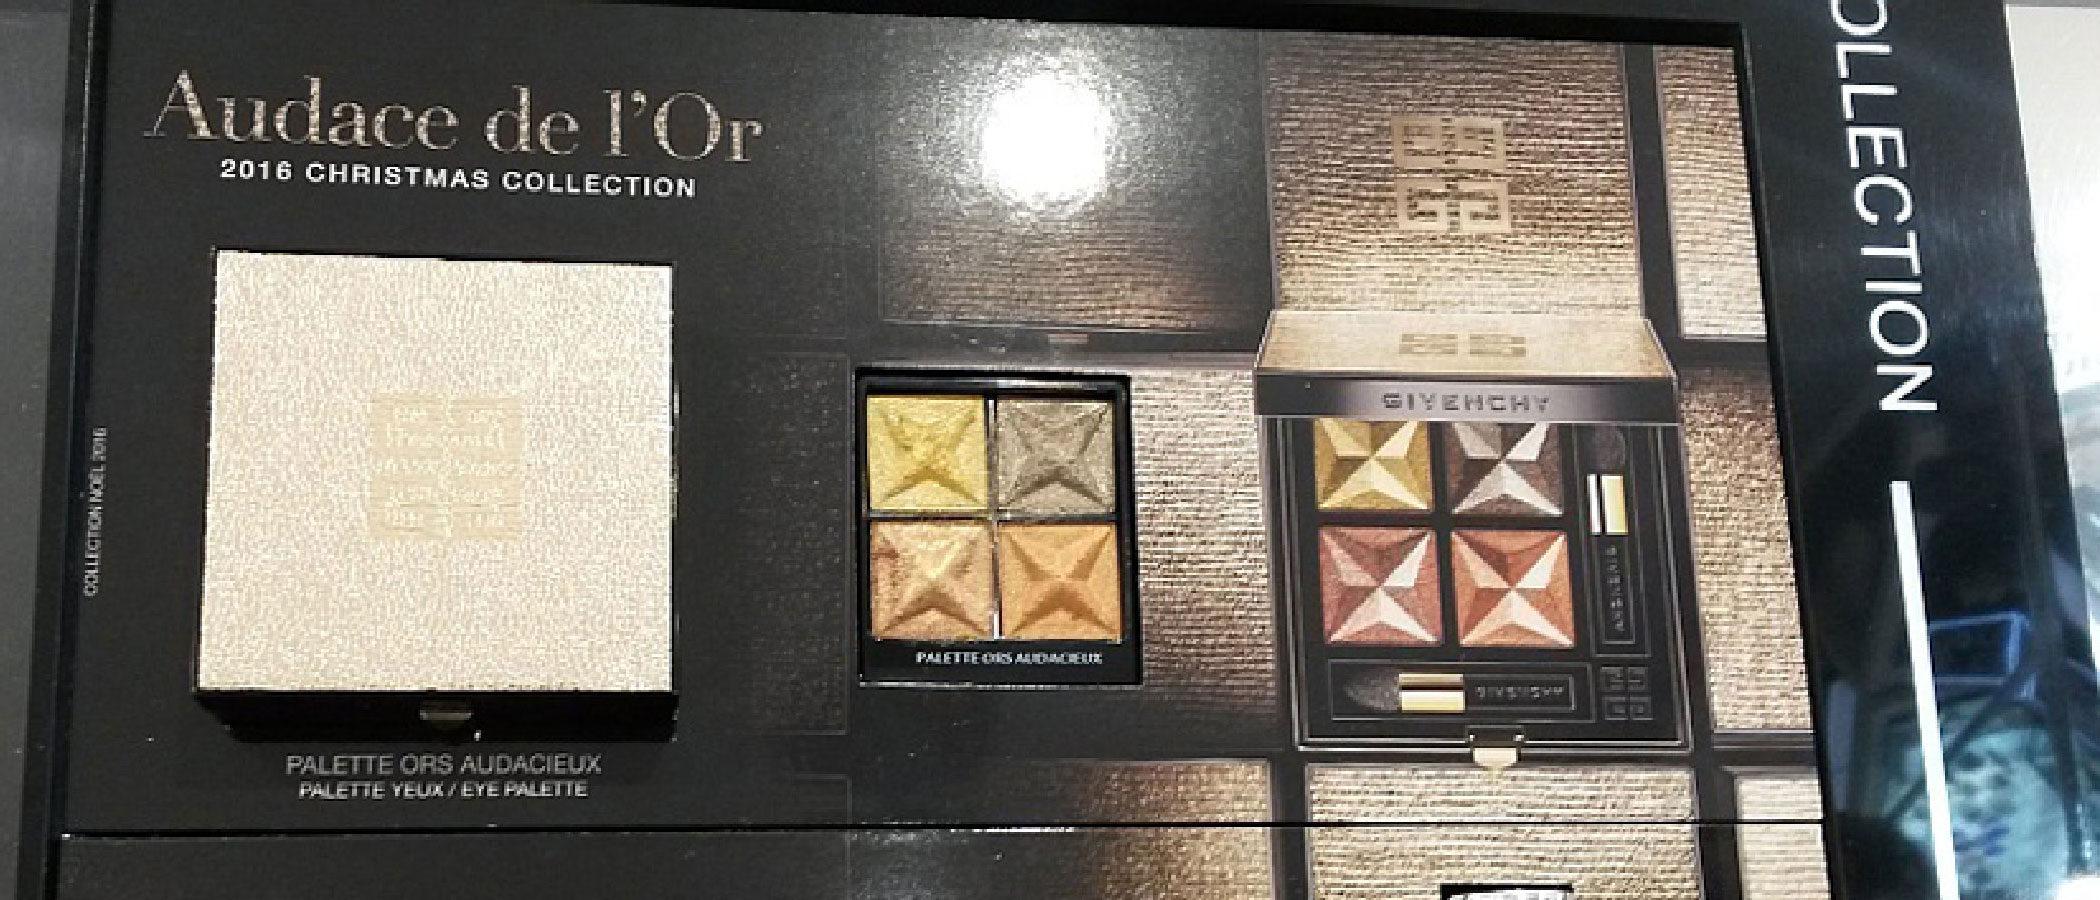 Givenchy lanza su edición limitada de maquillaje 'Audace de l'Or' para esta Navidad